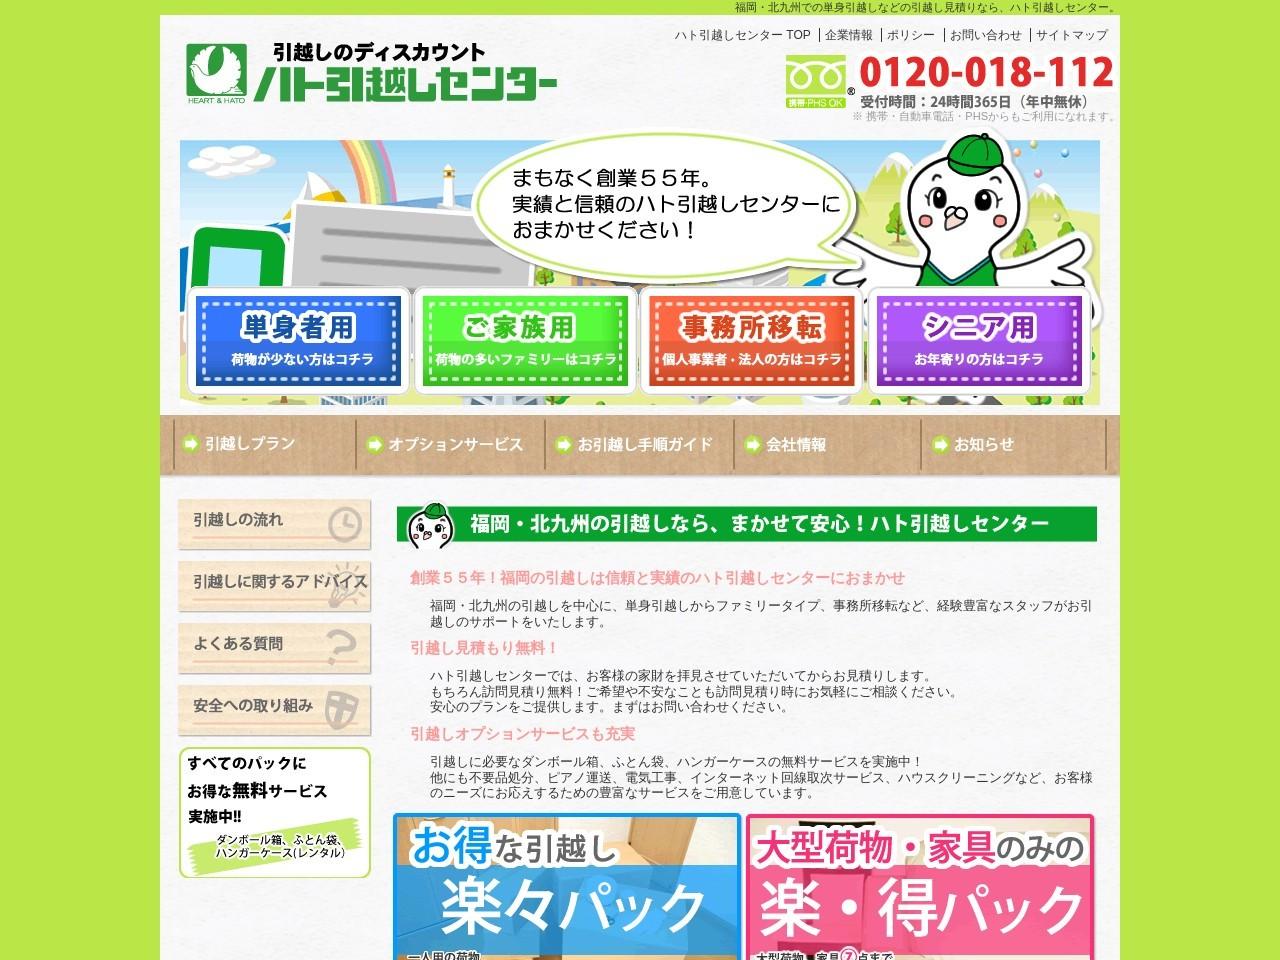 福岡・北九州での単身引越しなどの引越し見積り|ハト引越しセンター